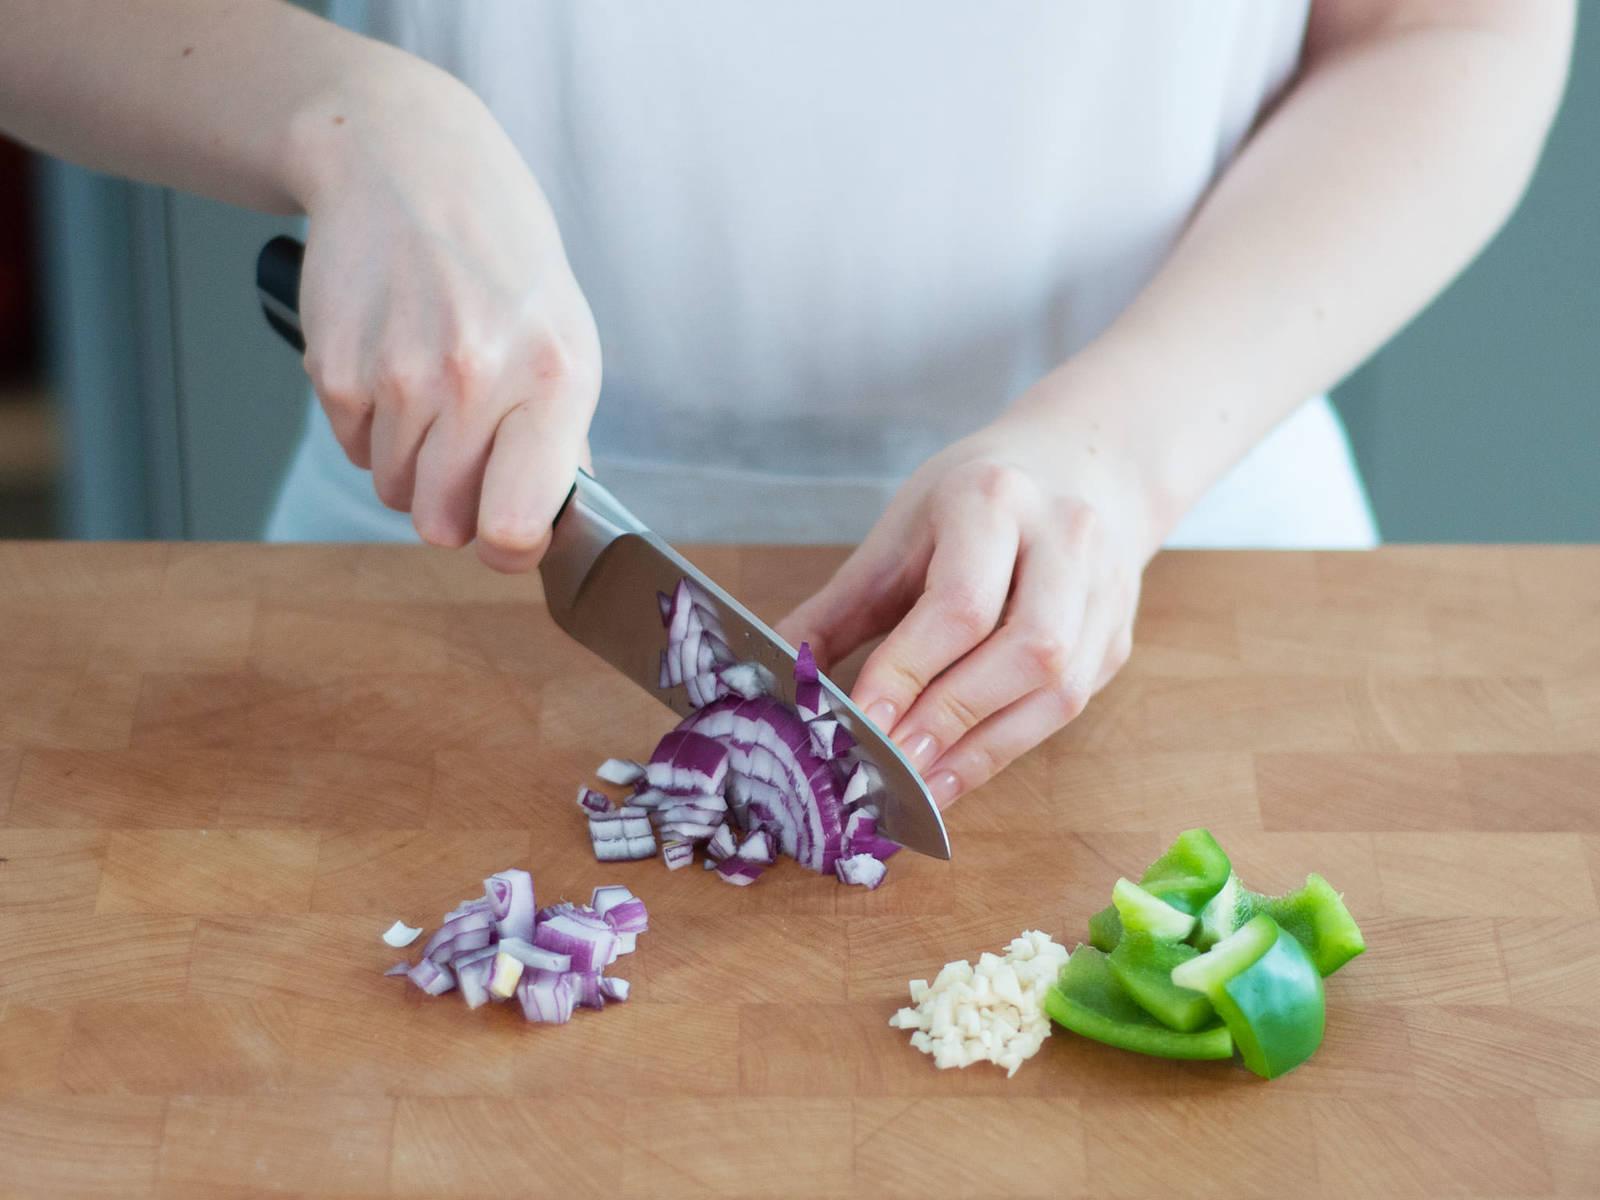 Knoblauch fein hacken, Paprika und Zwiebel hacken und in Schongarer geben.